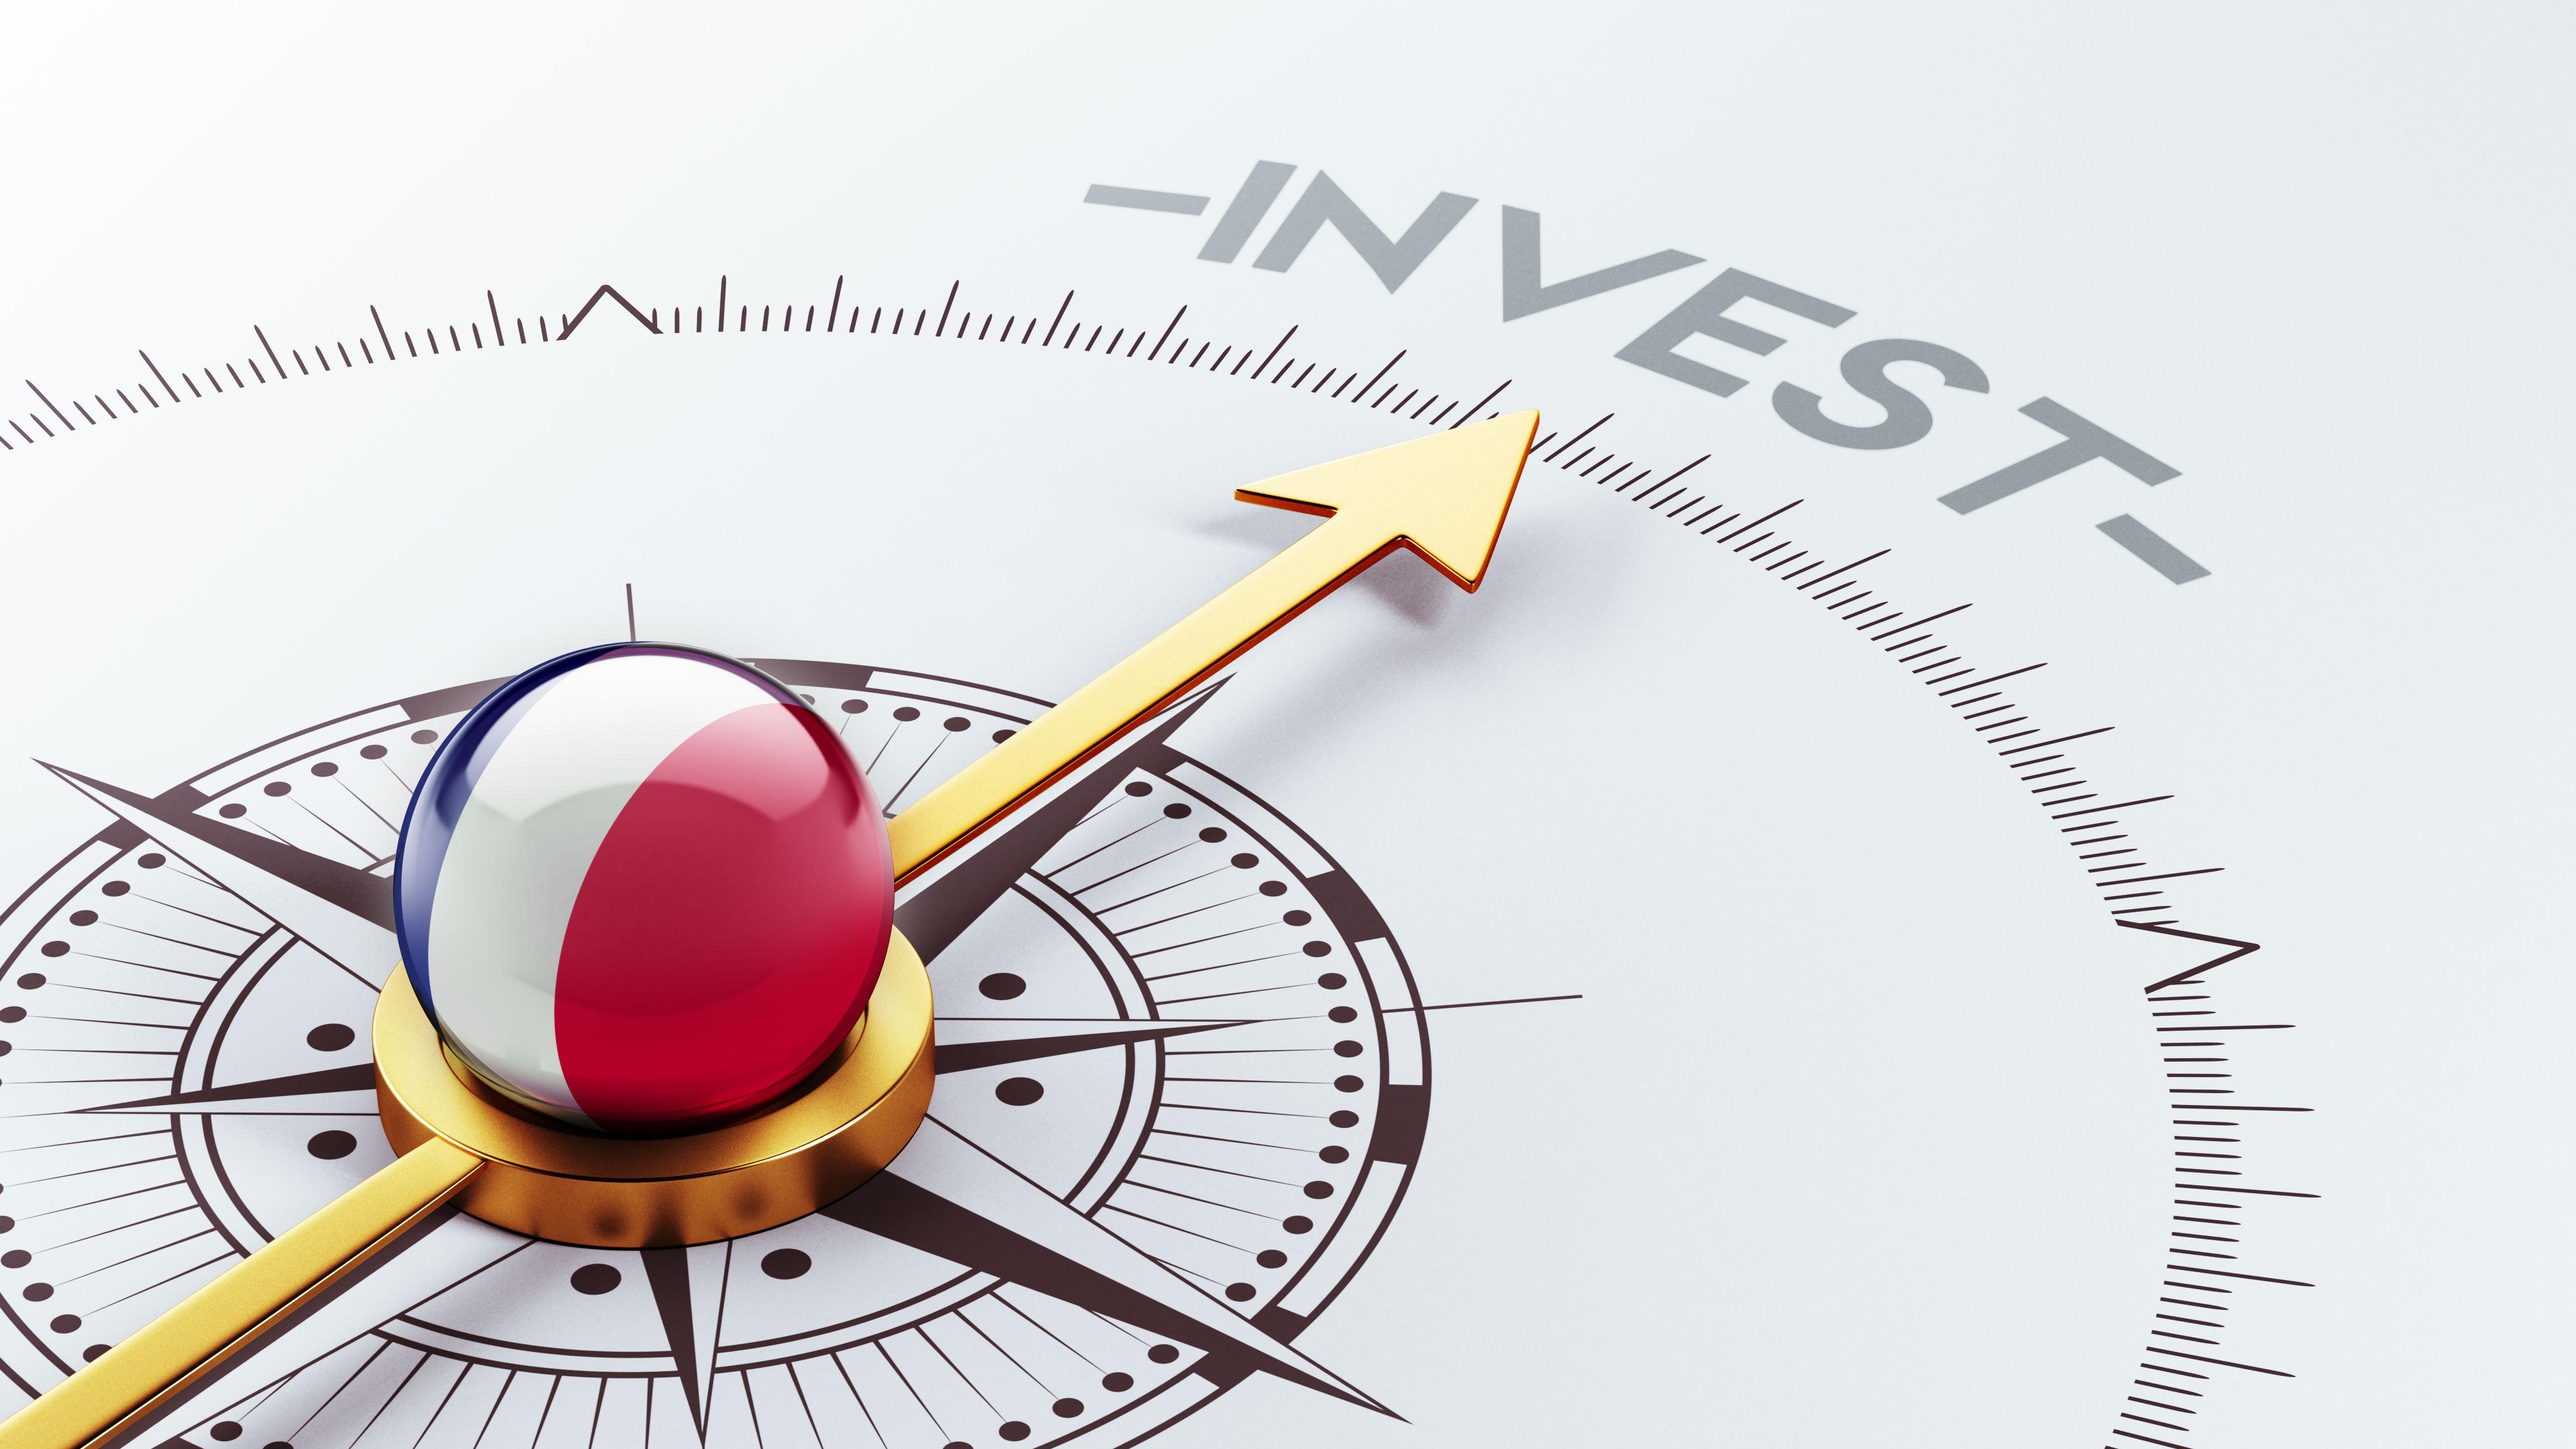 Tư vấn hồ sơ xin cấp giấy phép đầu tư ra nước ngoài